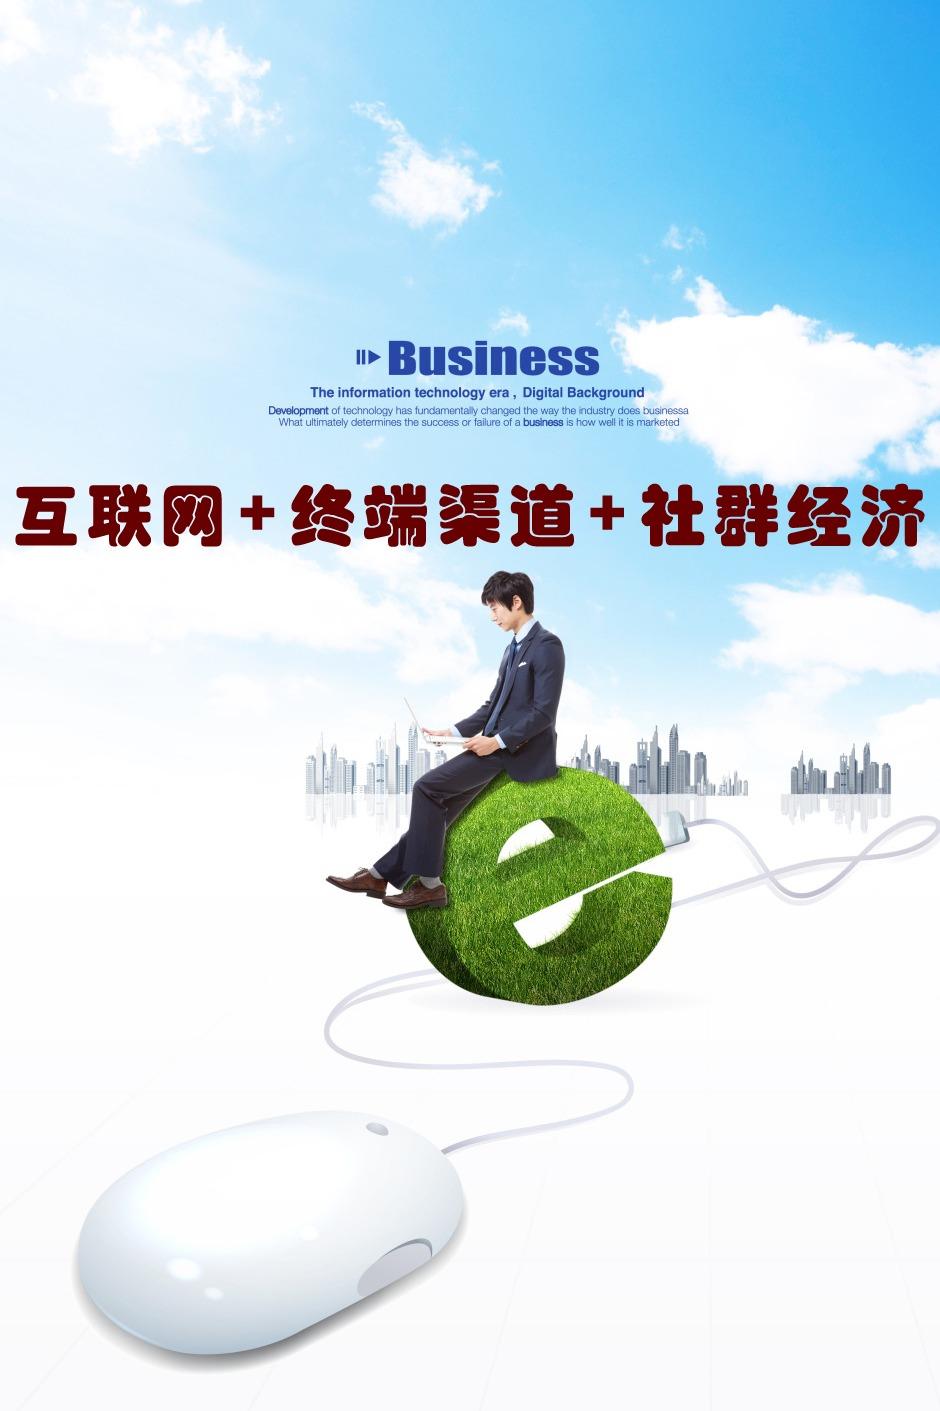 12.13互联网+终端渠道+社群经济项目现场招商会